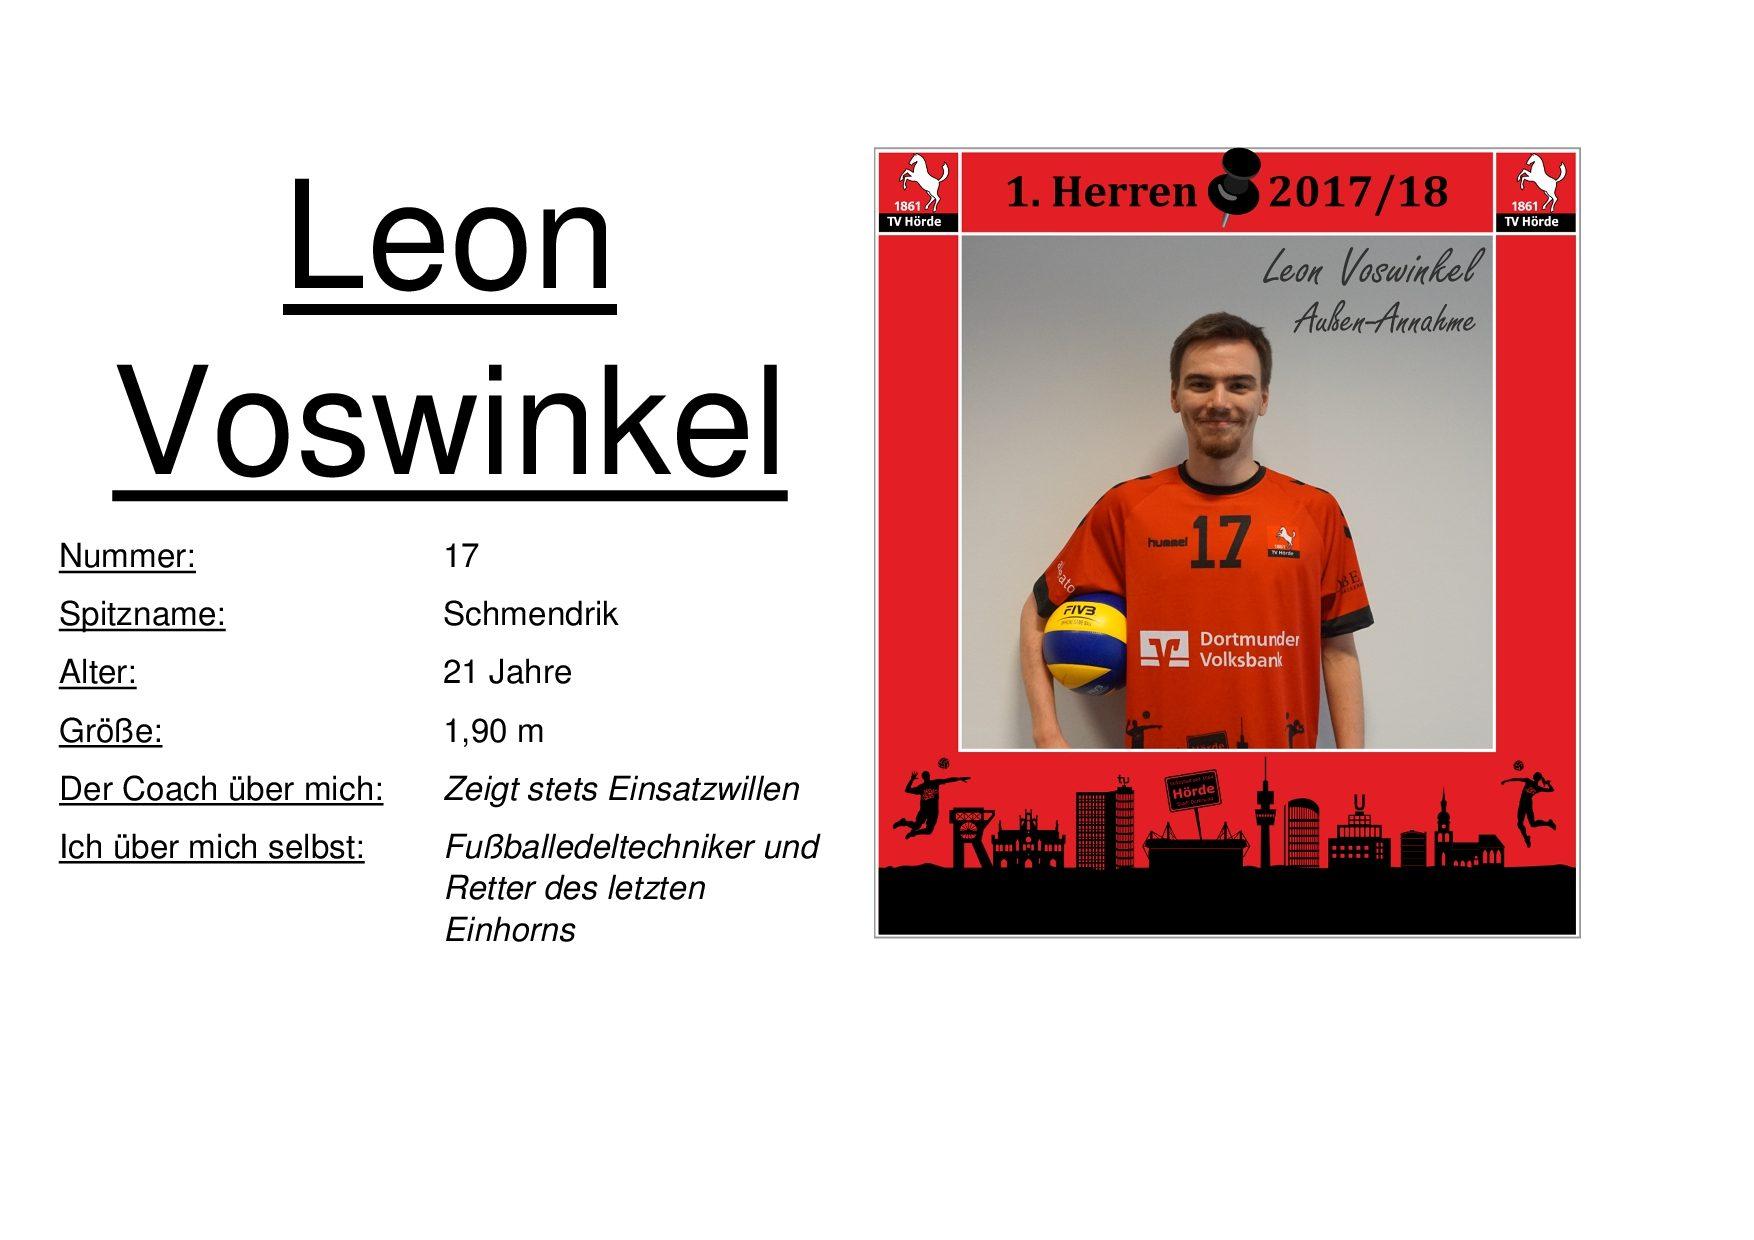 Leon Voswinkel